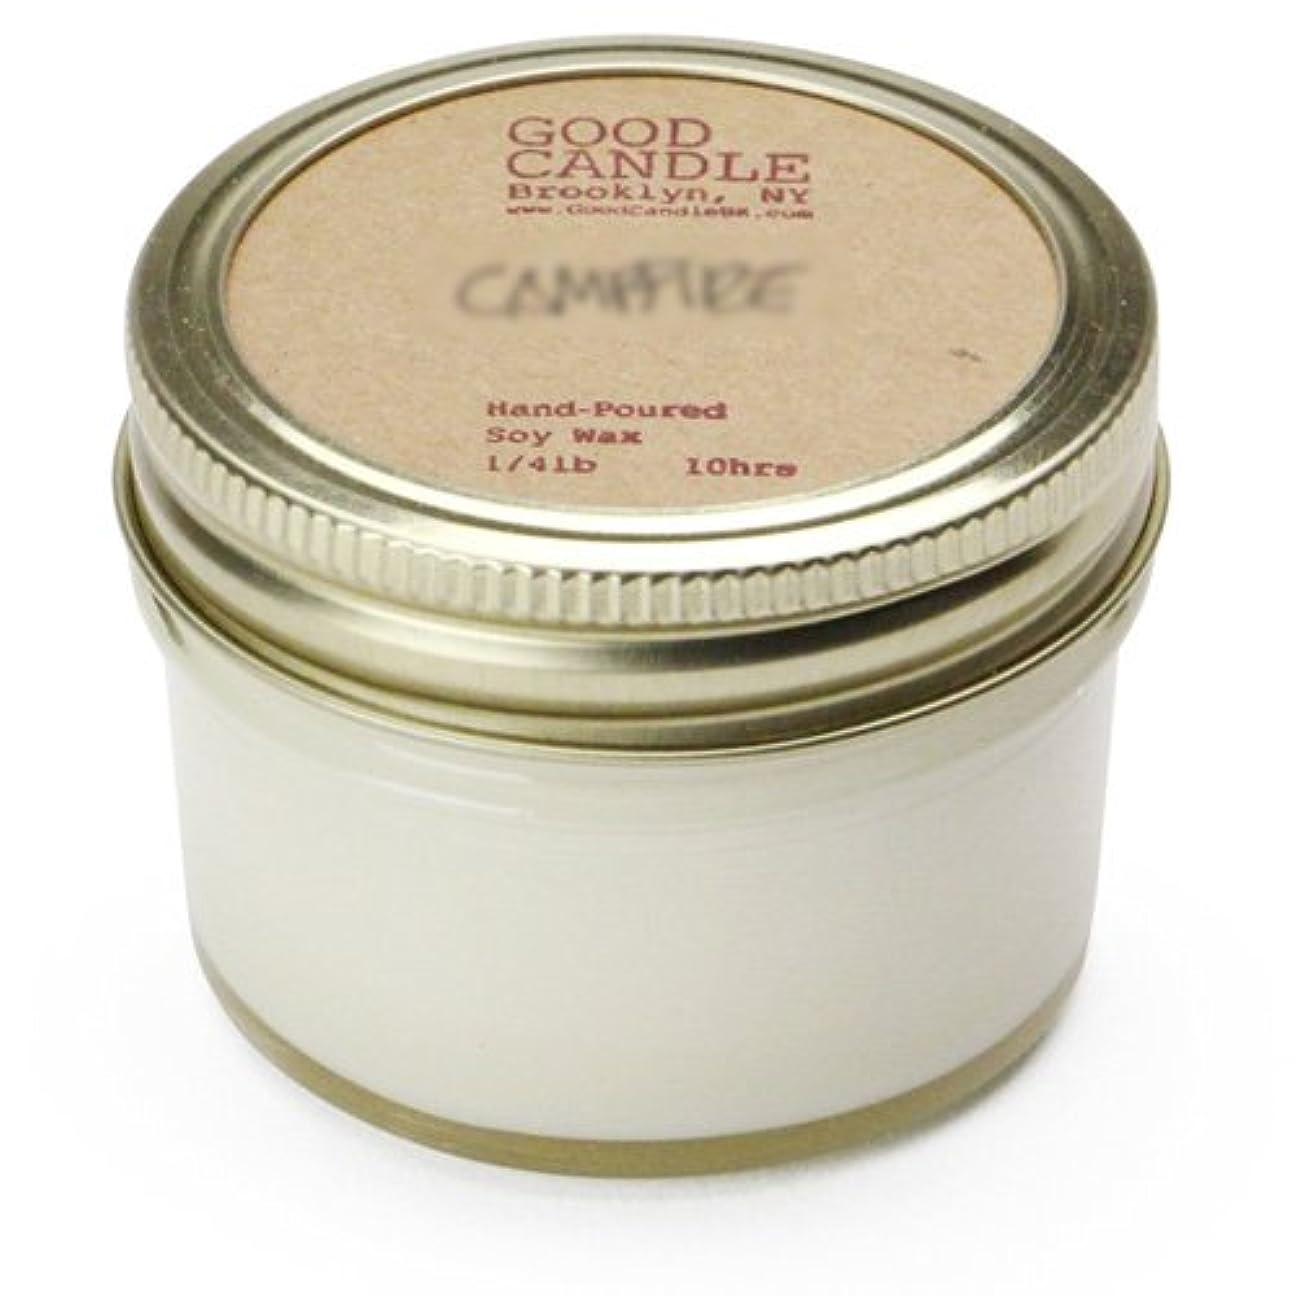 ペンス疲れた財団グッドキャンドル 1/4ポンド ゼリージャー キャンドル Good Candle 1/4LB Jelly jar candle [ Rose ] 正規品